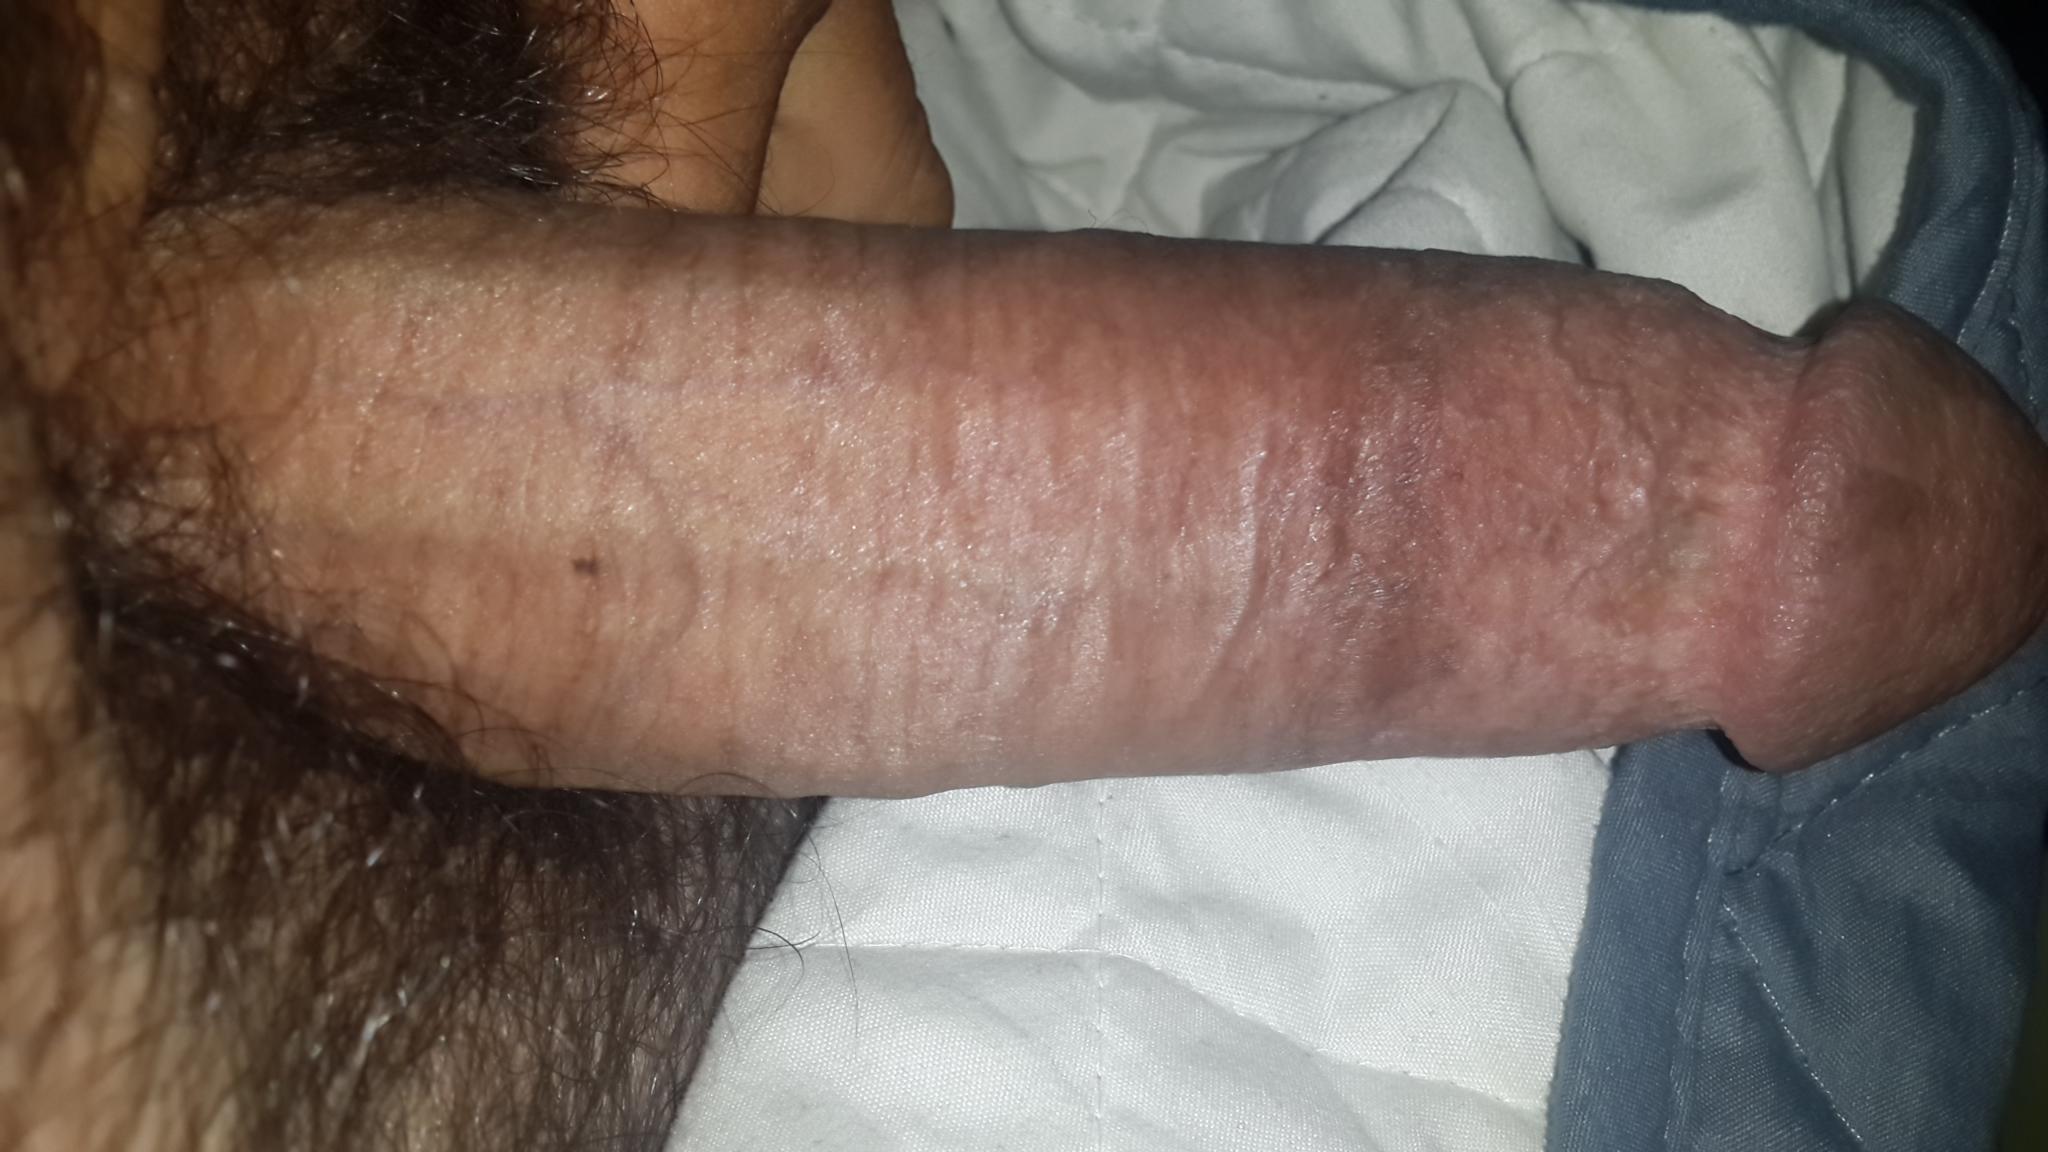 תמונות סקס גולשים אוננות גברים